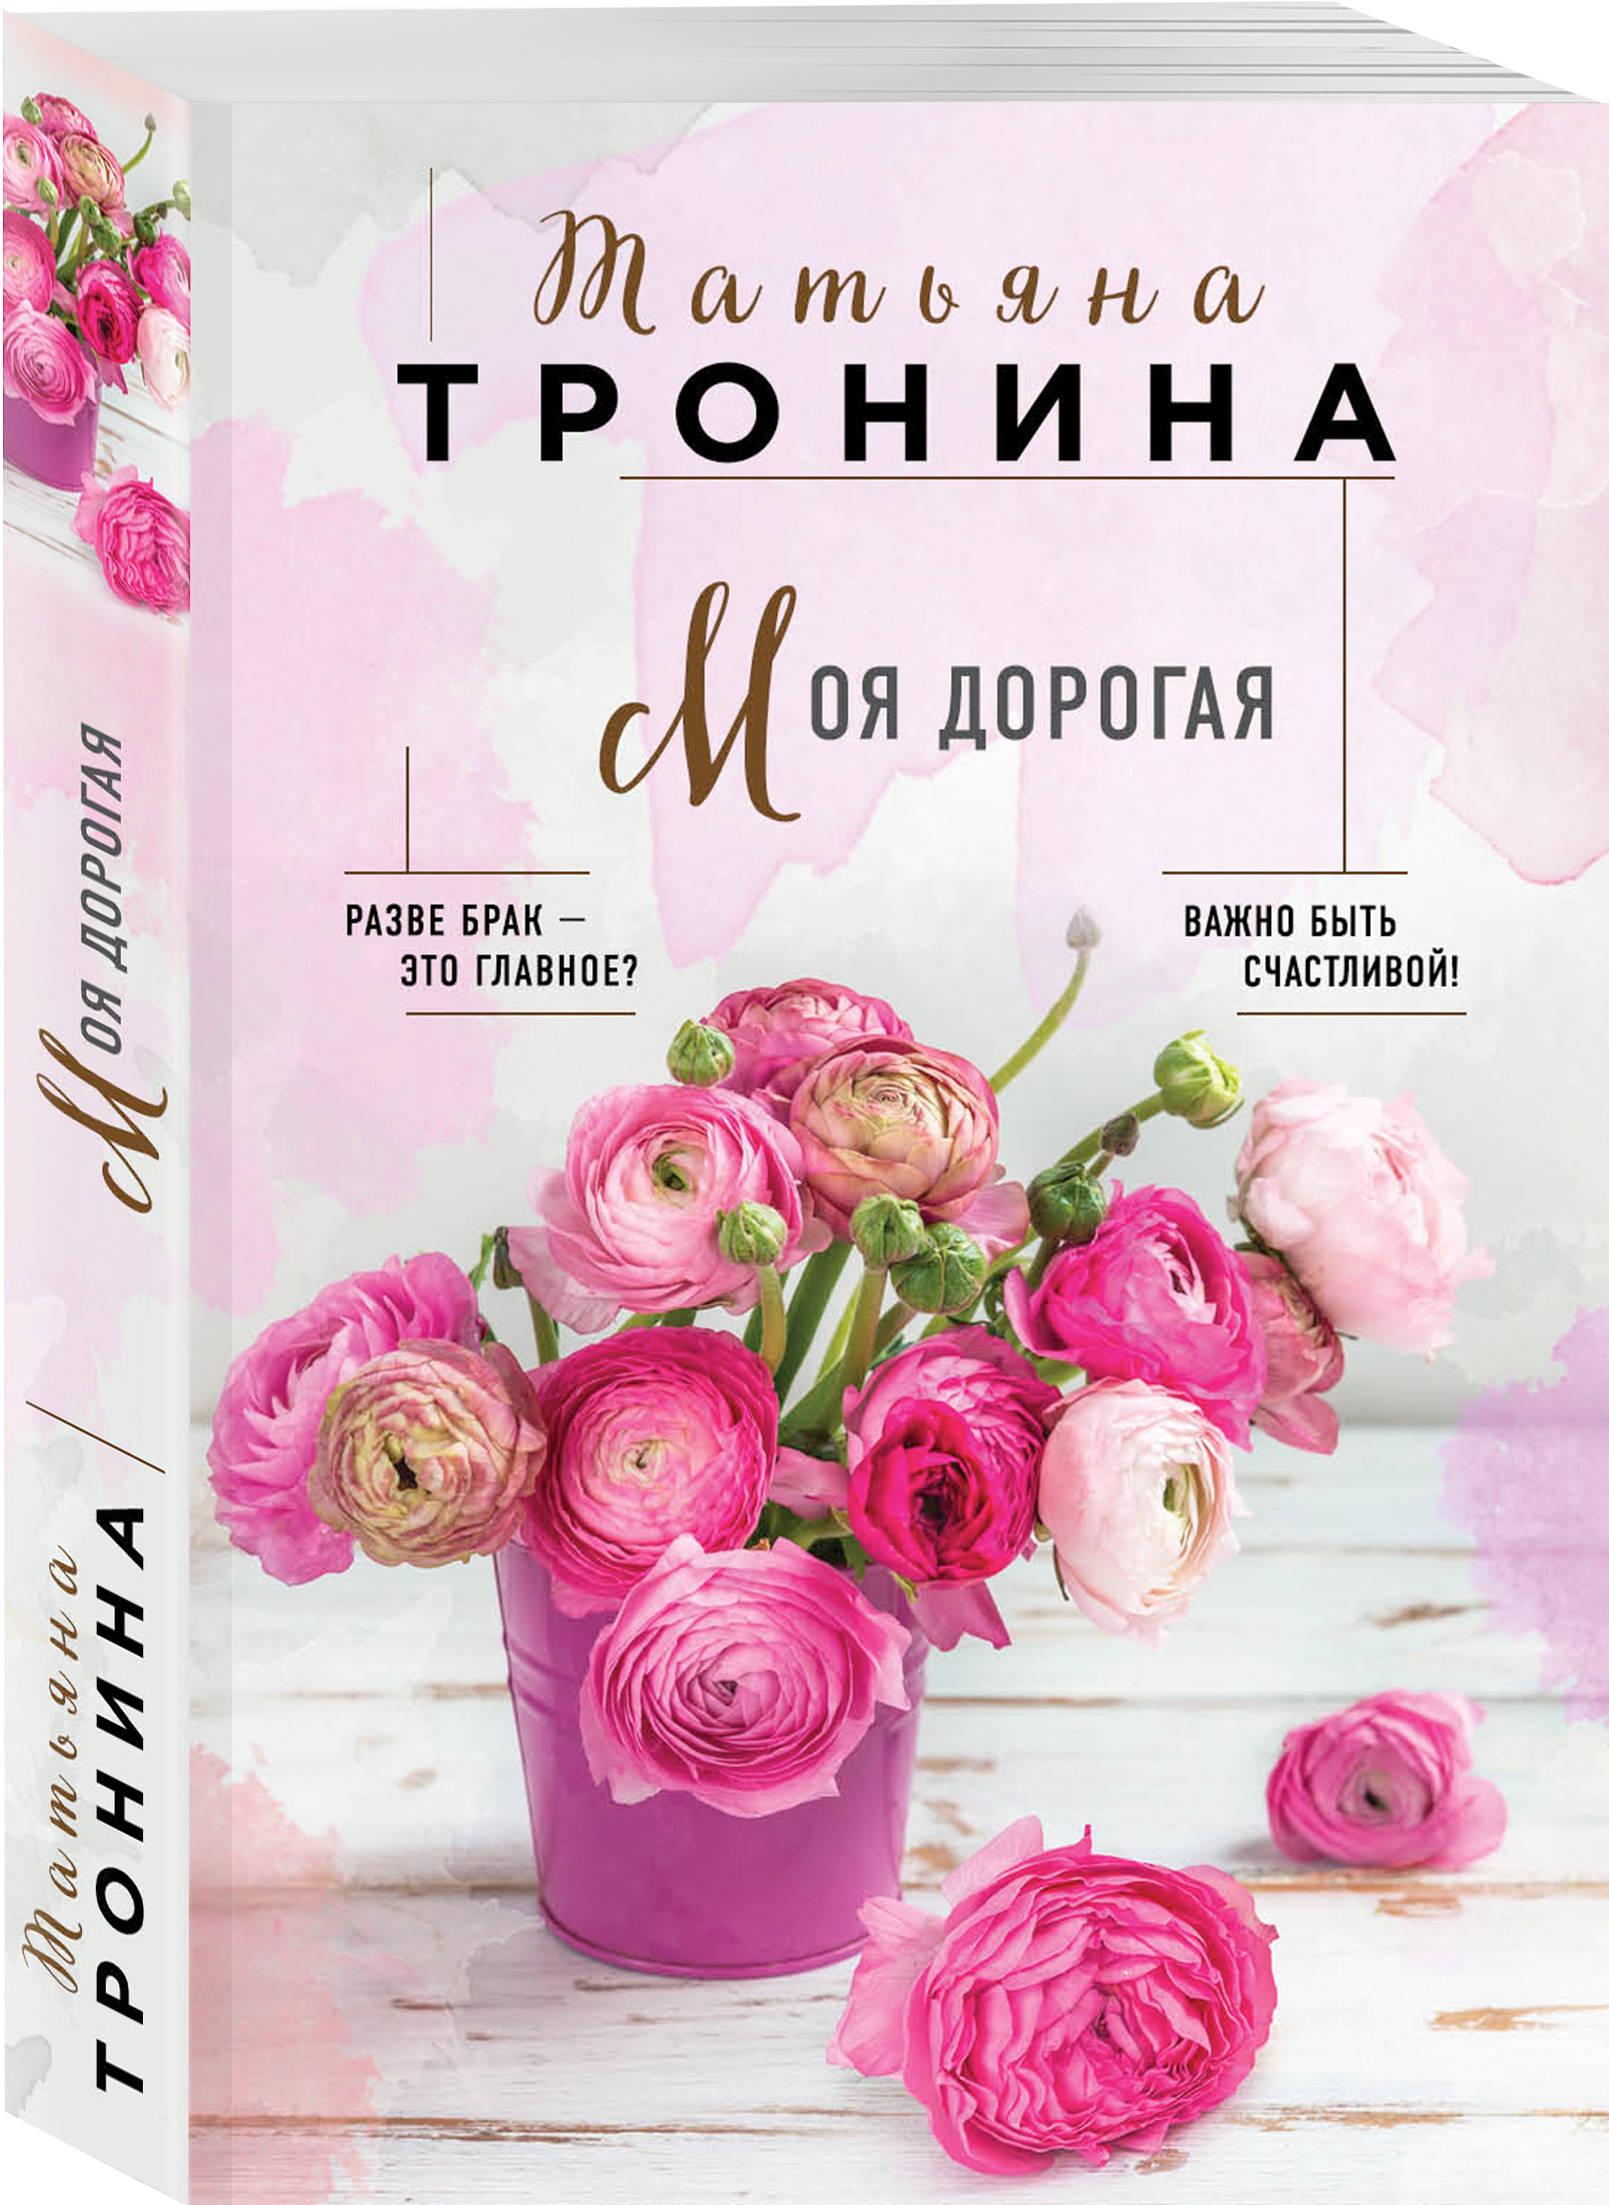 Тронина Татьяна Михайловна Моя дорогая